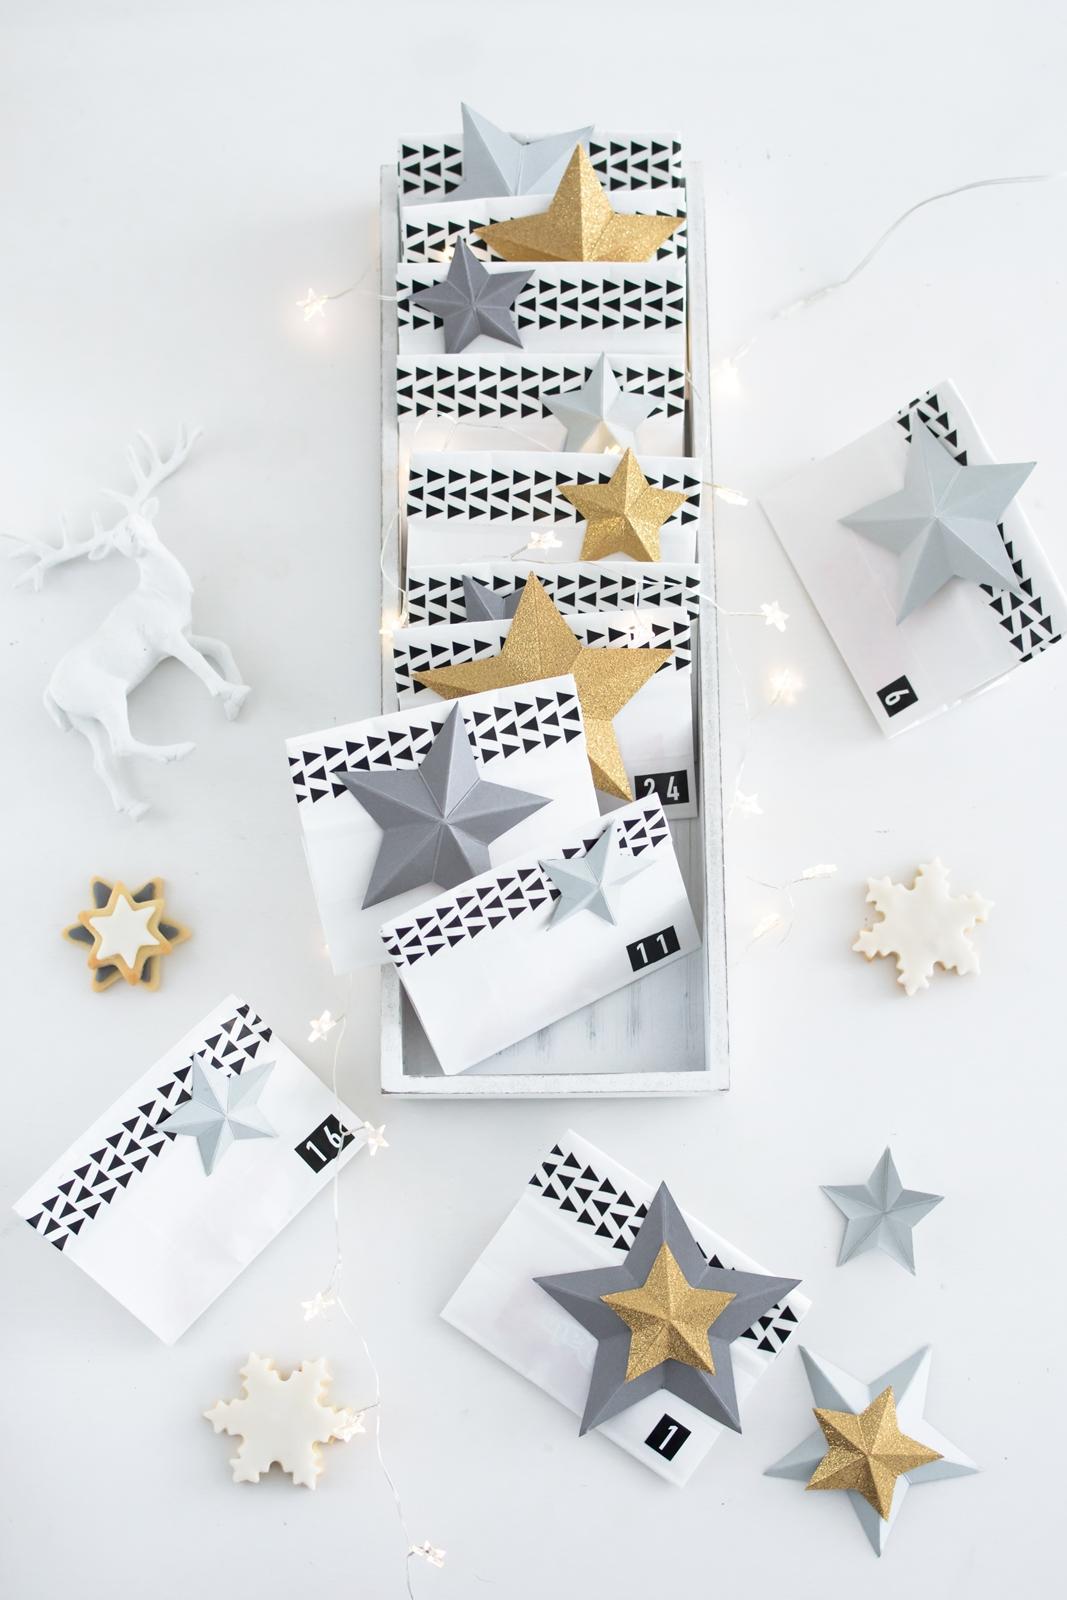 Für Kurzentschlossene: Last-Minute-Adventskalender + DIY Papiersterne